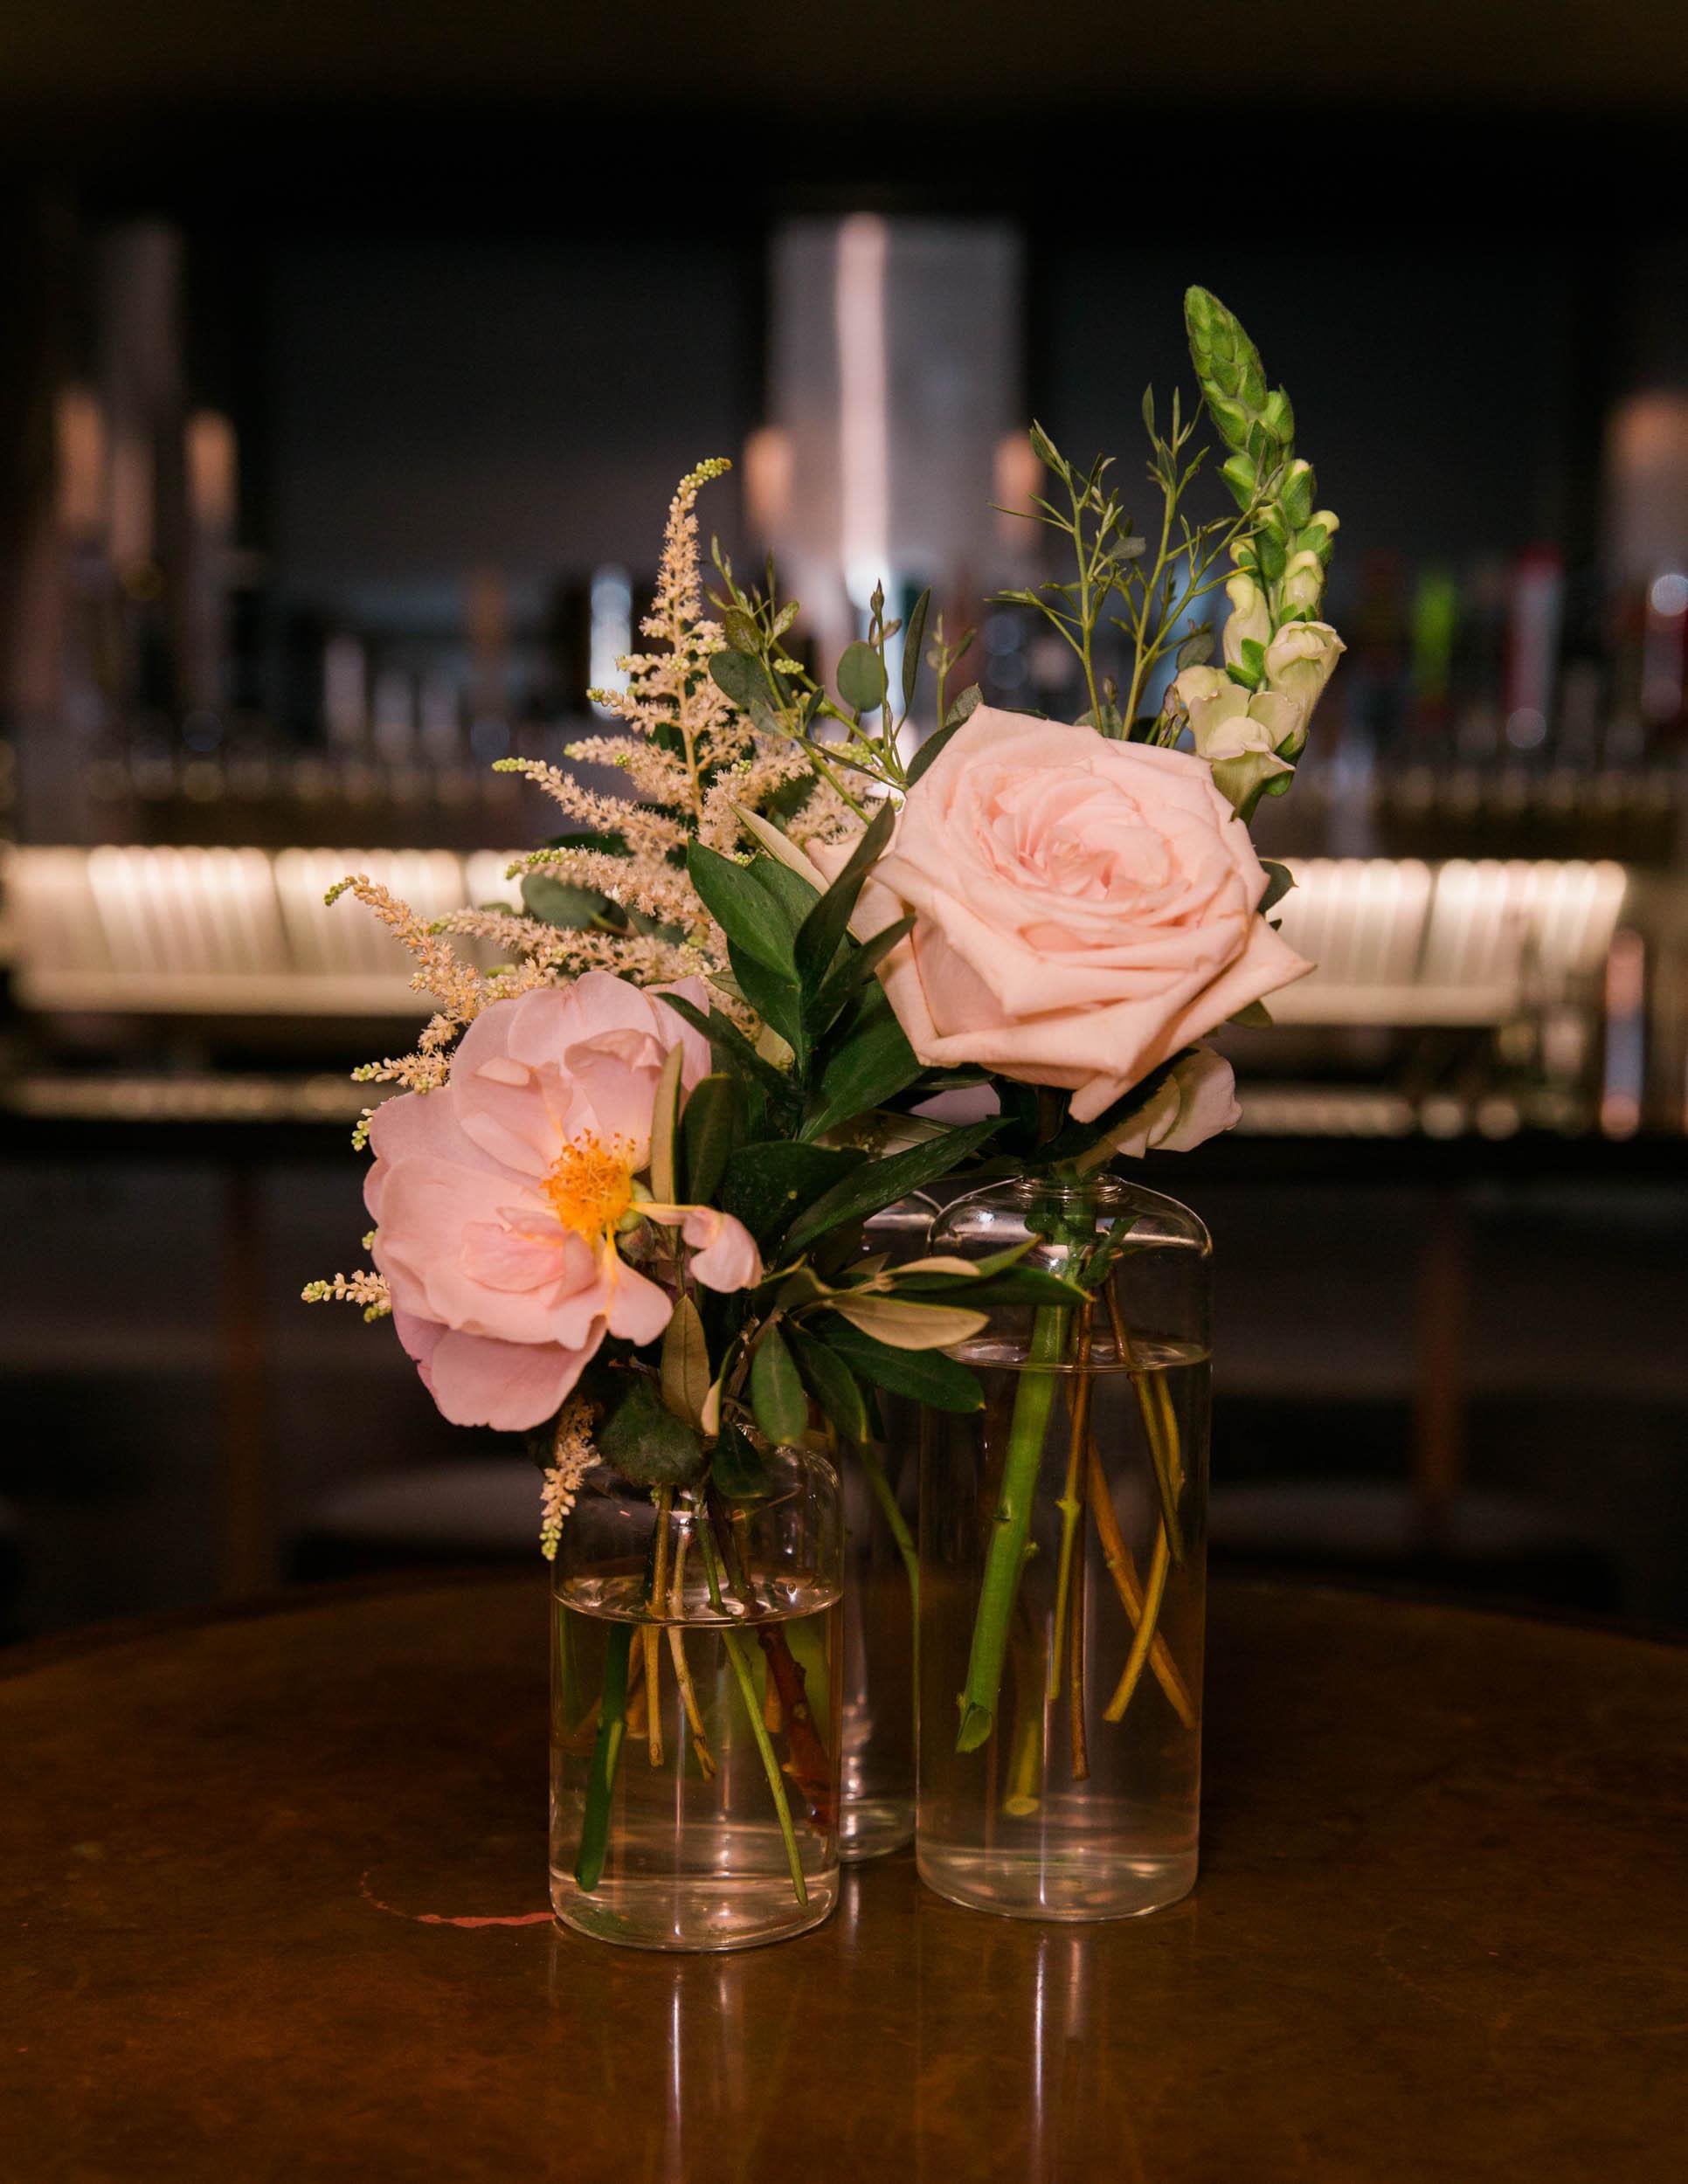 Chicago Wedding - Bud Vase Centerpiece